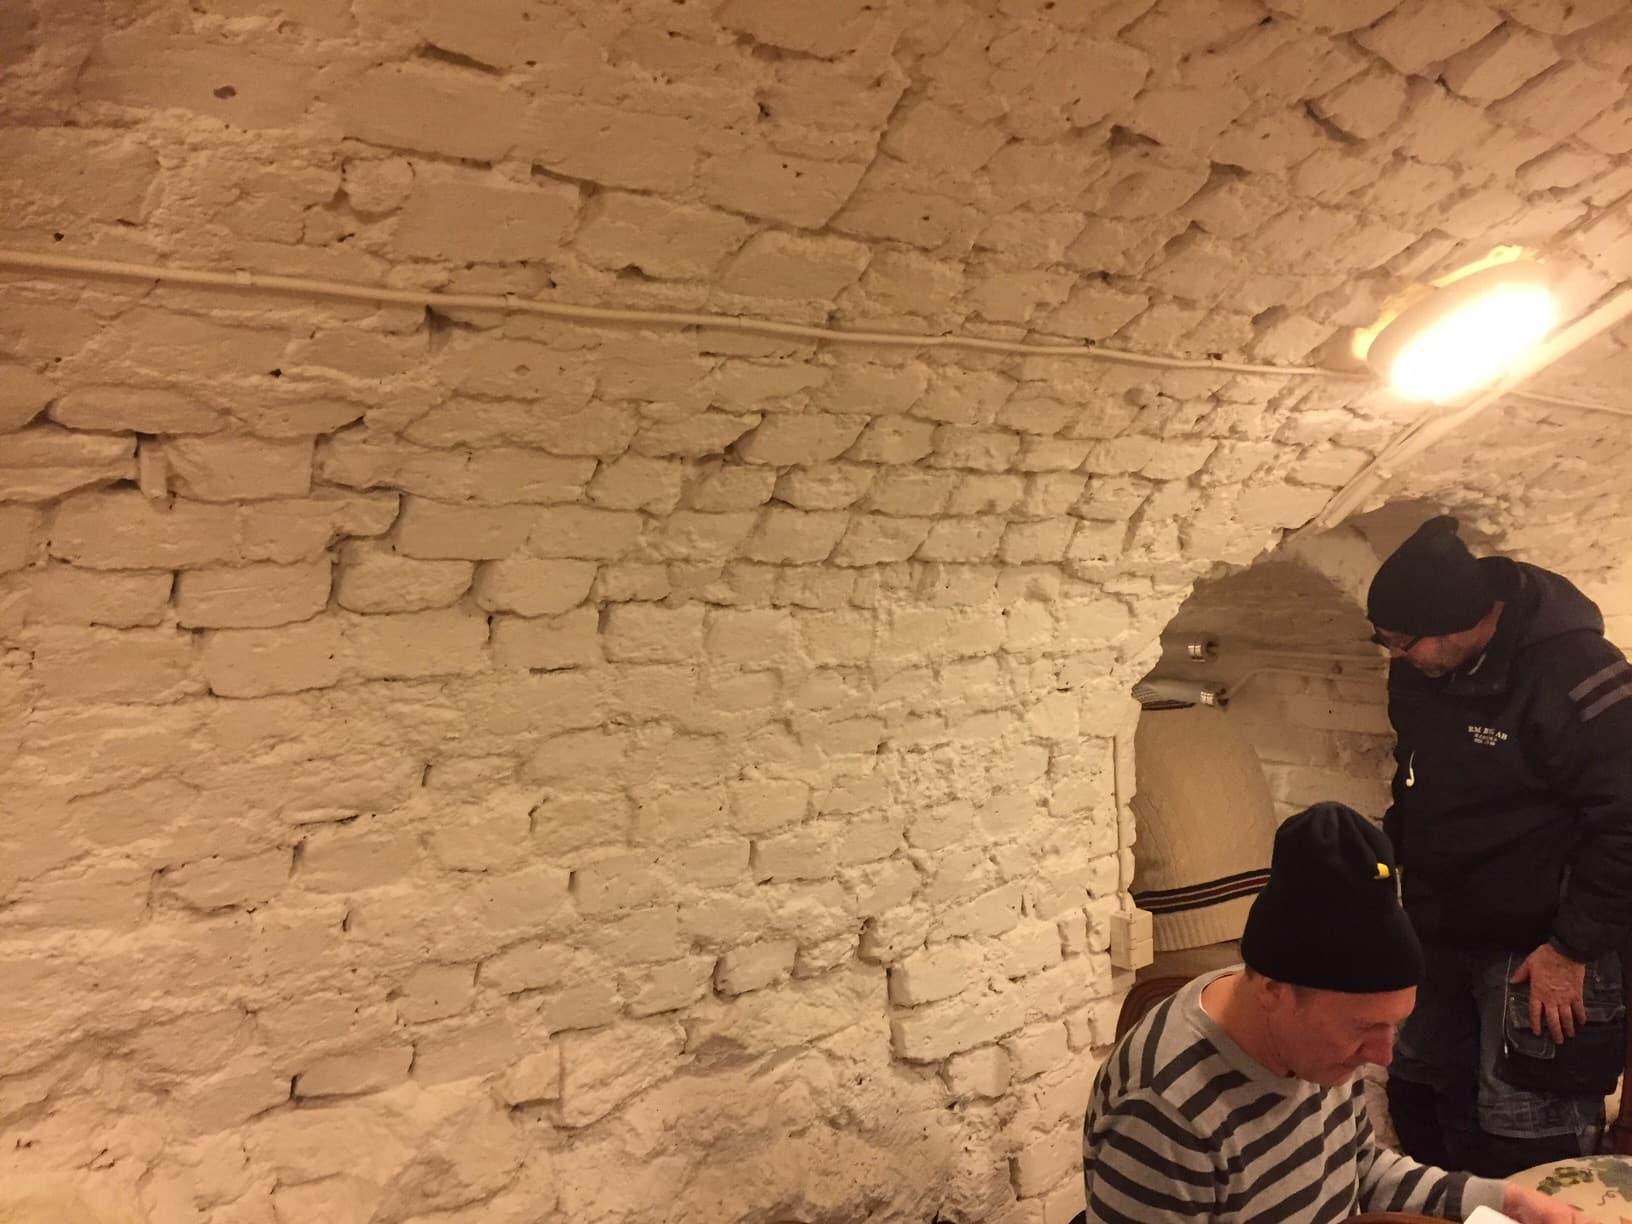 Tremans stadsholmen källare gamla stan södermalm allblästring 02